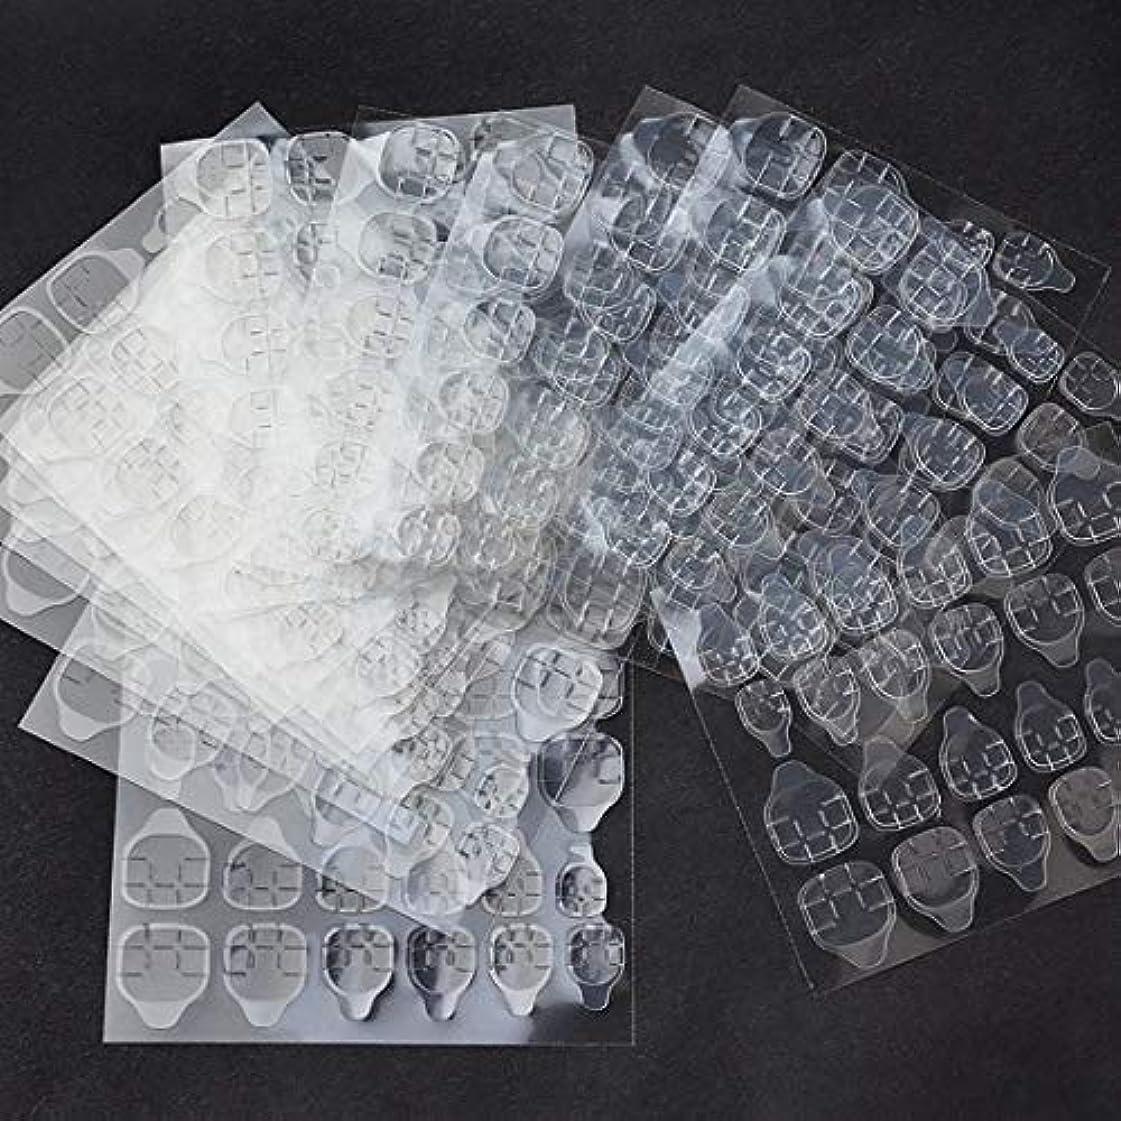 スクリュー意図突っ込むTianmey 10枚防水通気性透明超薄型両面接着タブネイルグルーステッカー偽ネイルのヒント